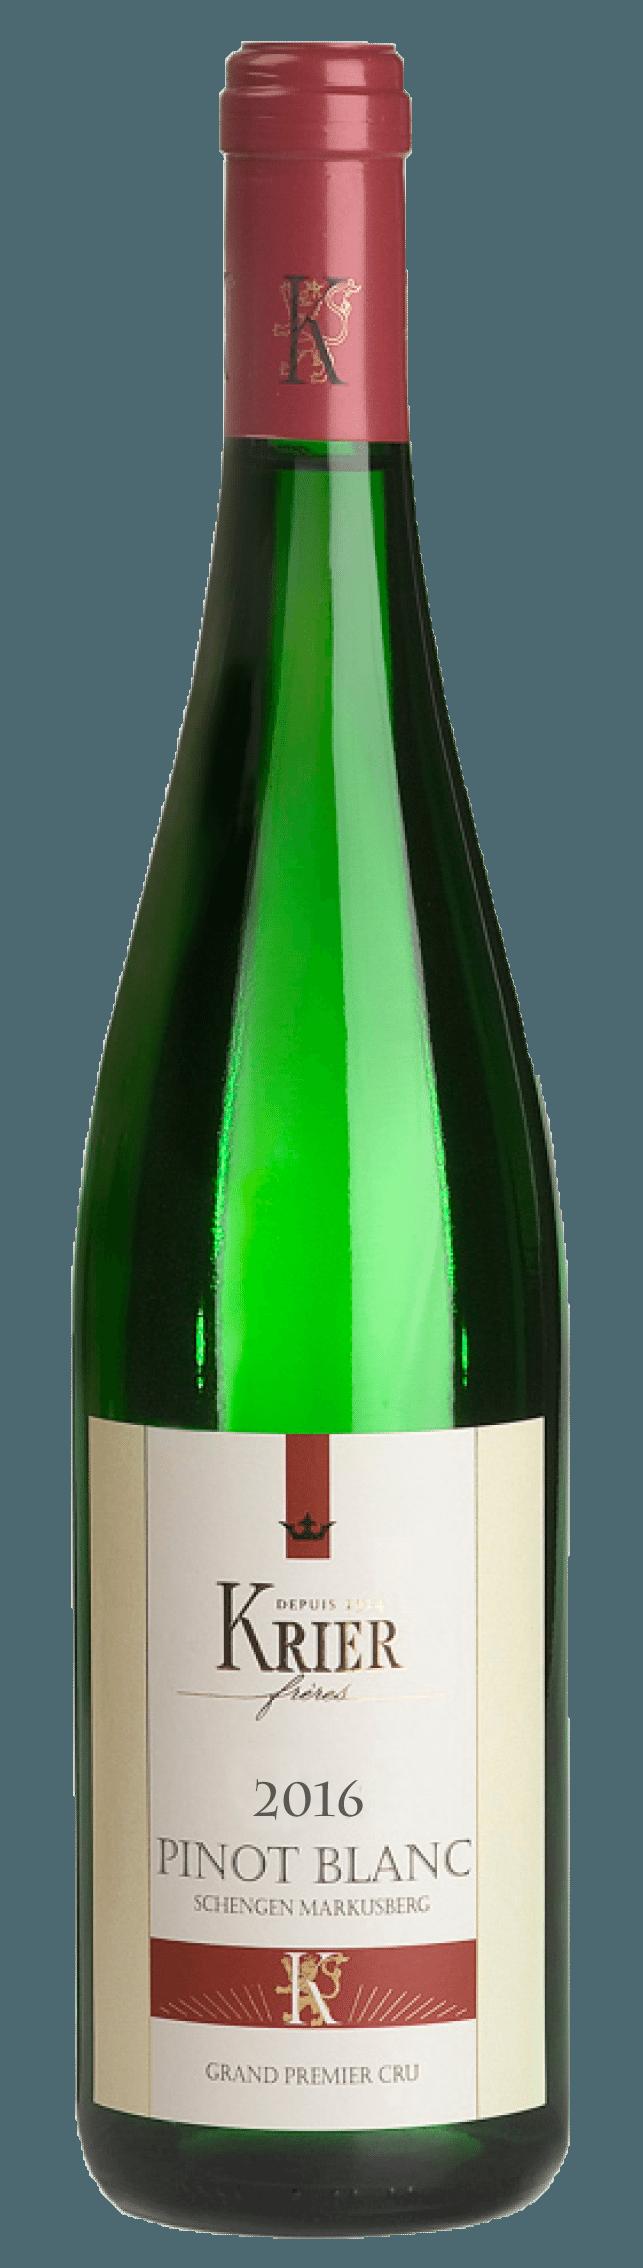 Krier Pinot Blanc AOP 2016